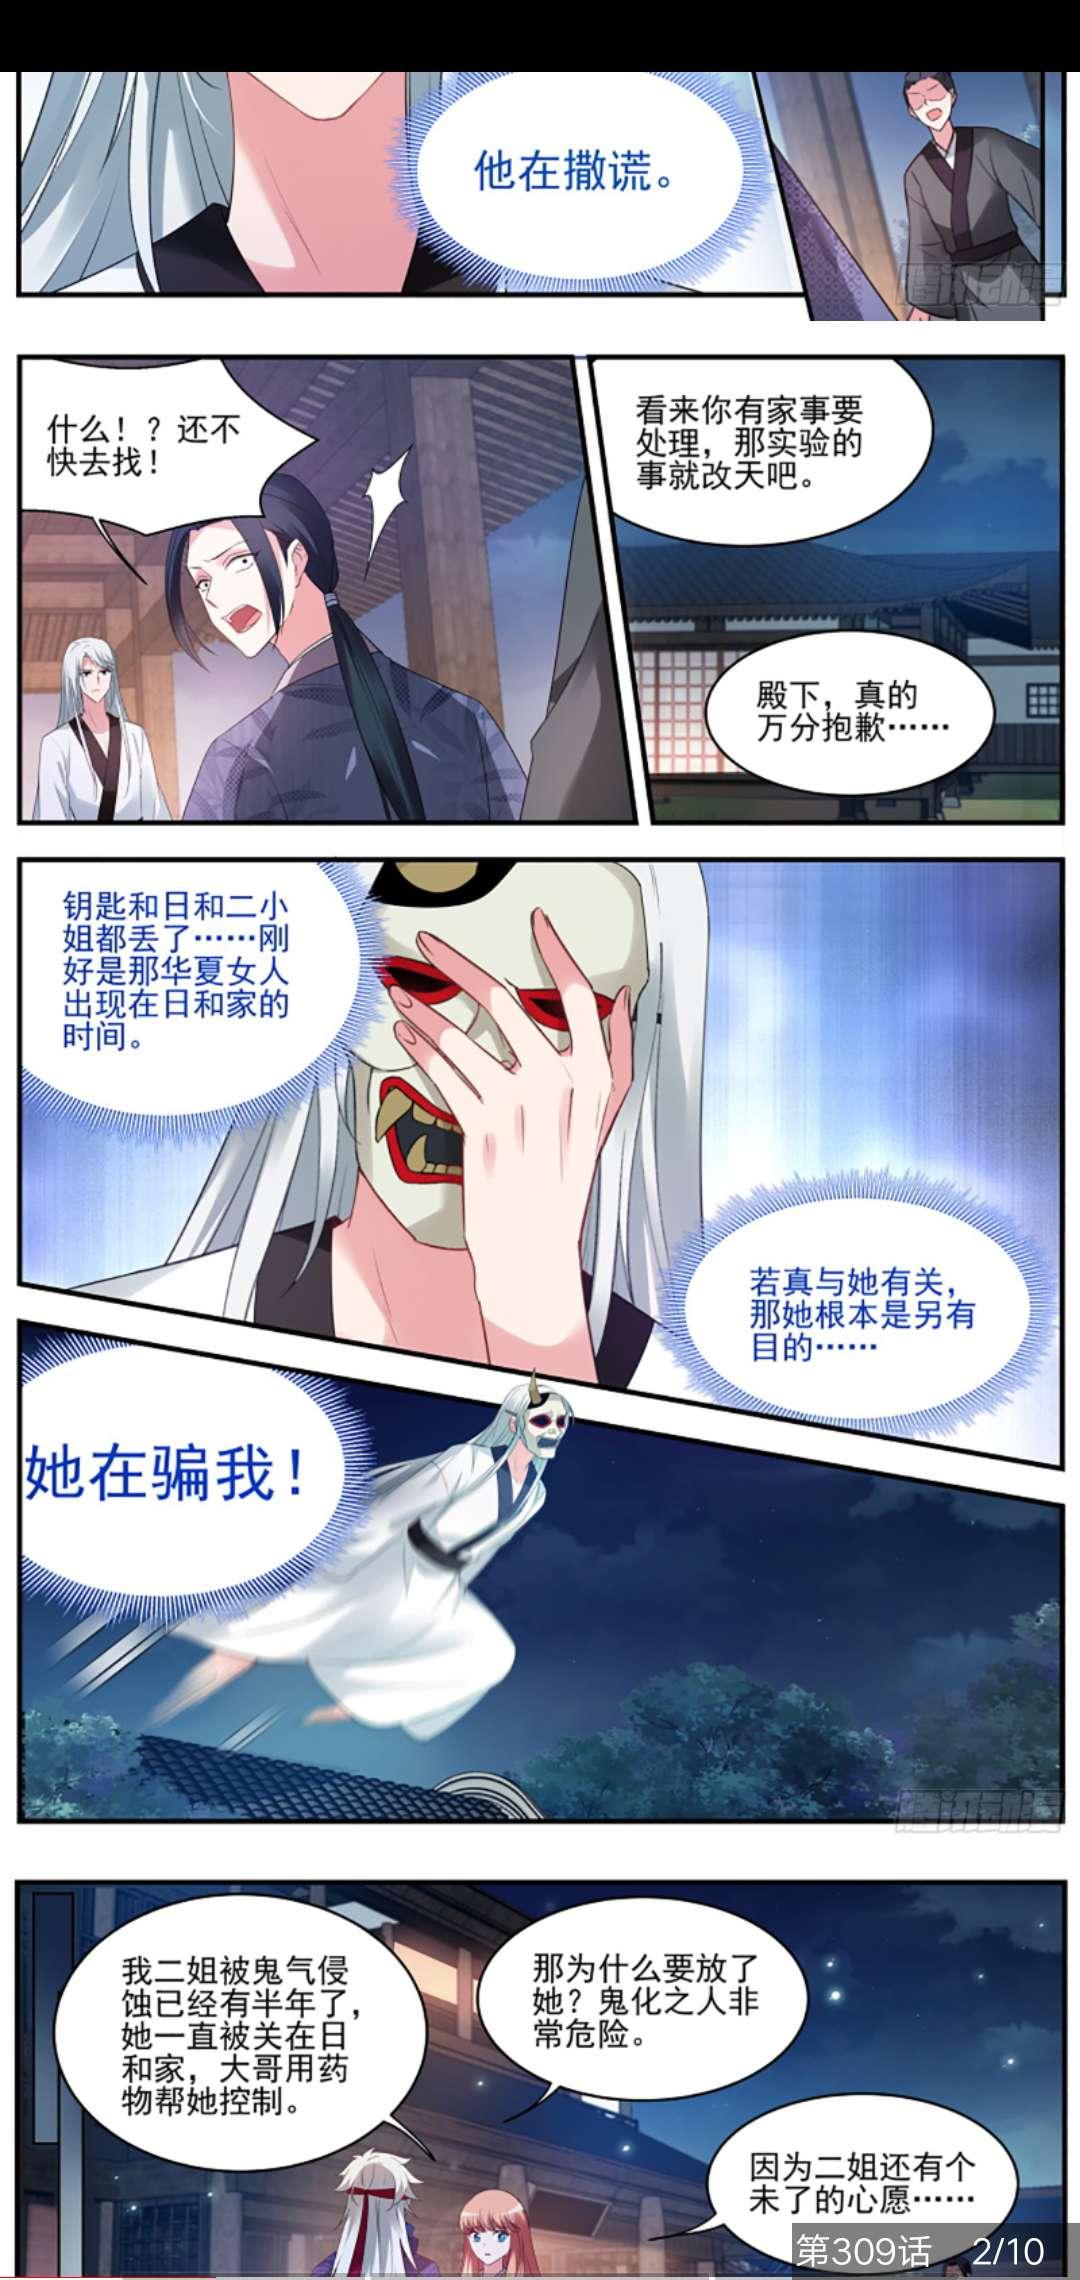 【漫画更新】女神制造计划